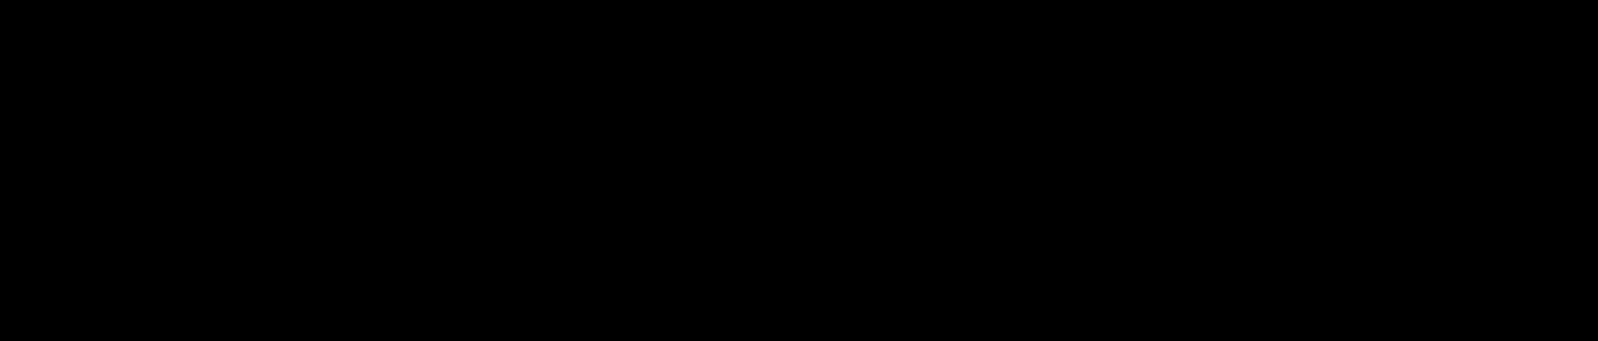 E.M.W.Shield